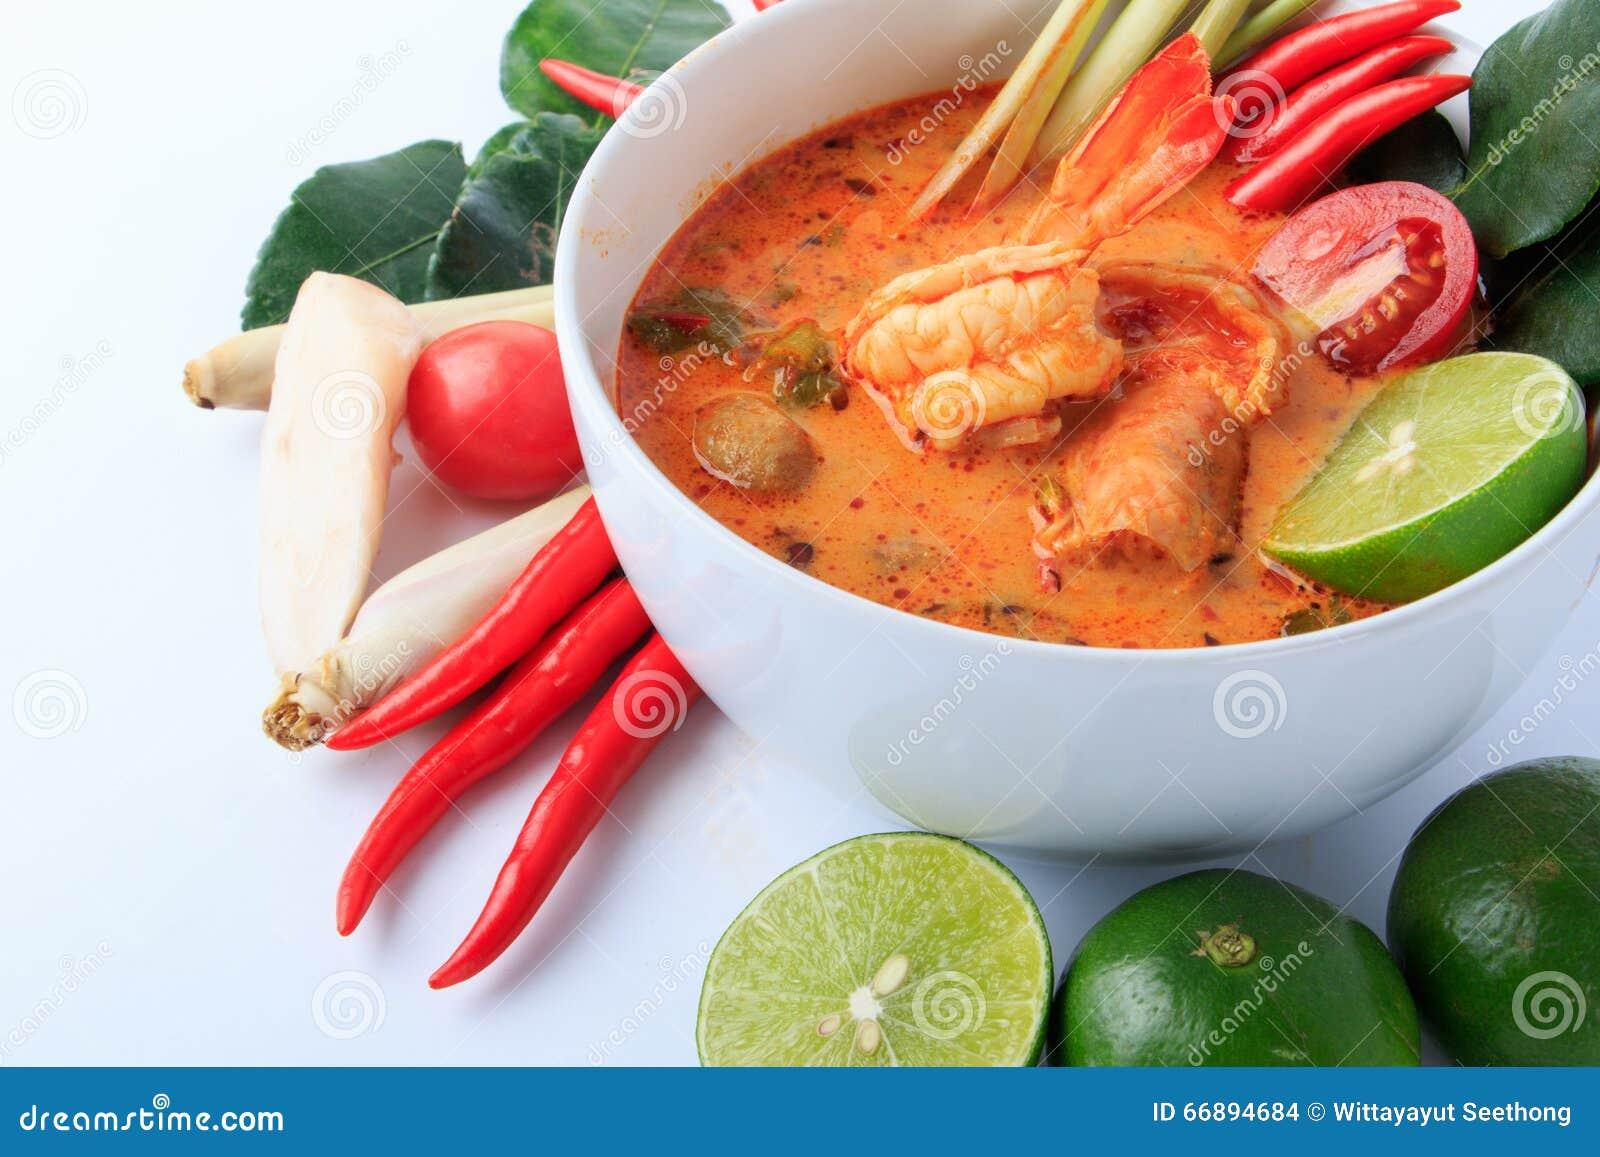 Ταϊλανδική σούπα γαρίδων με Lemongrass (Tom Yum Goong) στο άσπρο υπόβαθρο